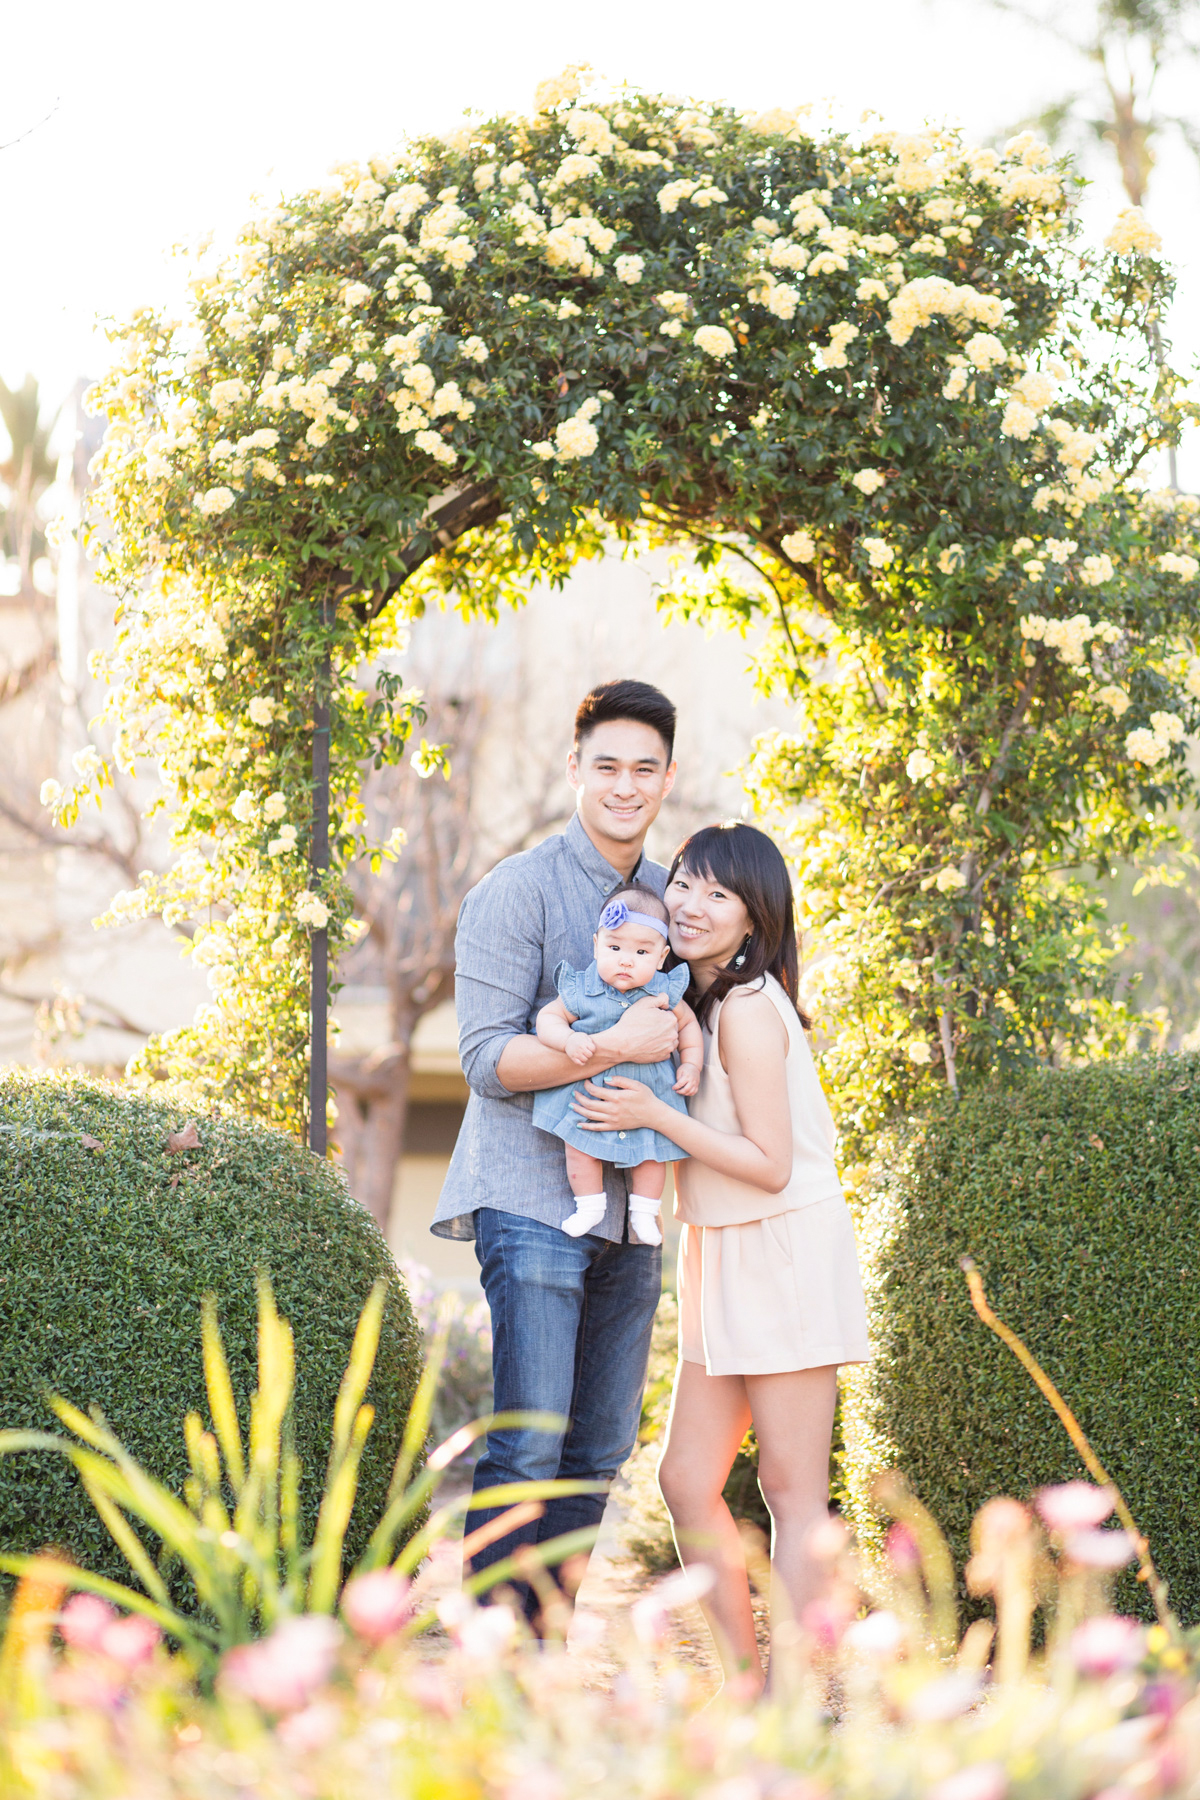 pasadenafamilyphotographer002-2